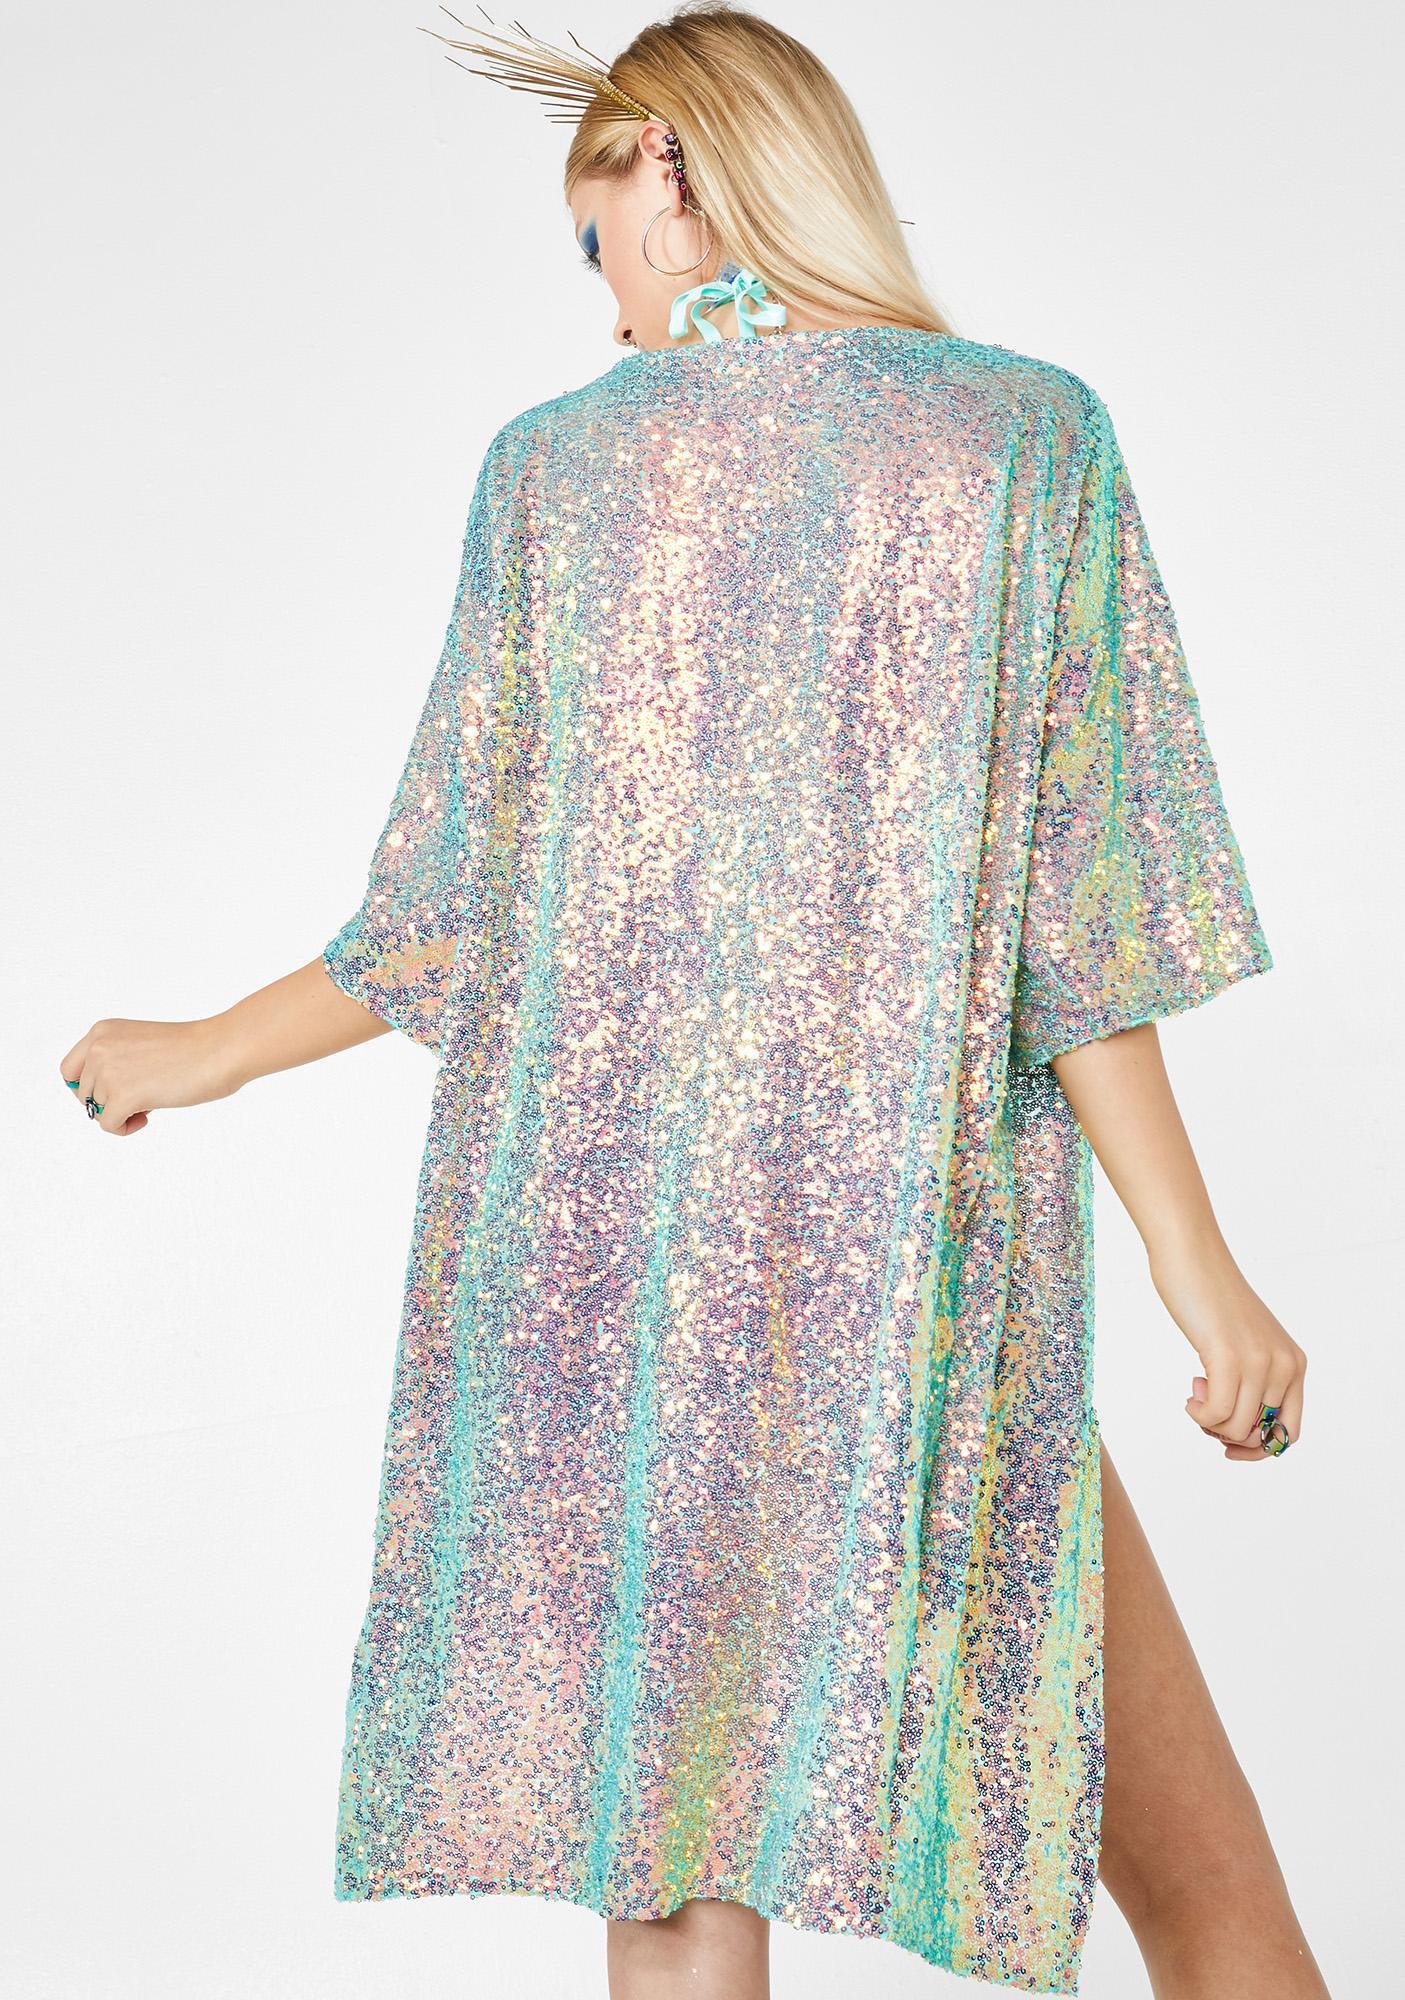 Seagypsy Couture Geode Sequin Kimono